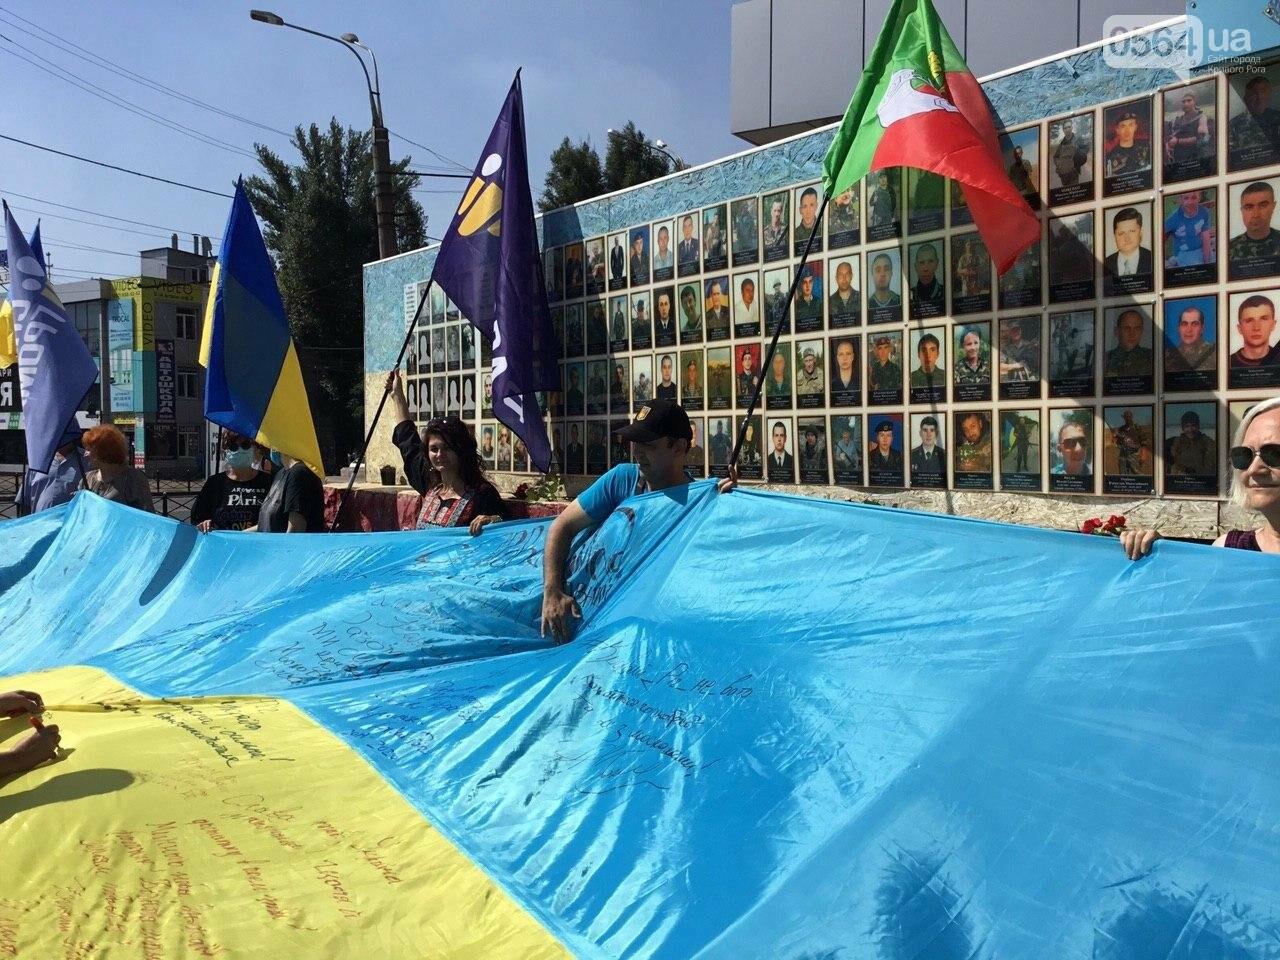 """""""Українці - брати, Разом ми - сила!"""", - какие пожелания и призывы написали криворожане на Знамени Единства, - ФОТО, ВИДЕО, фото-35"""